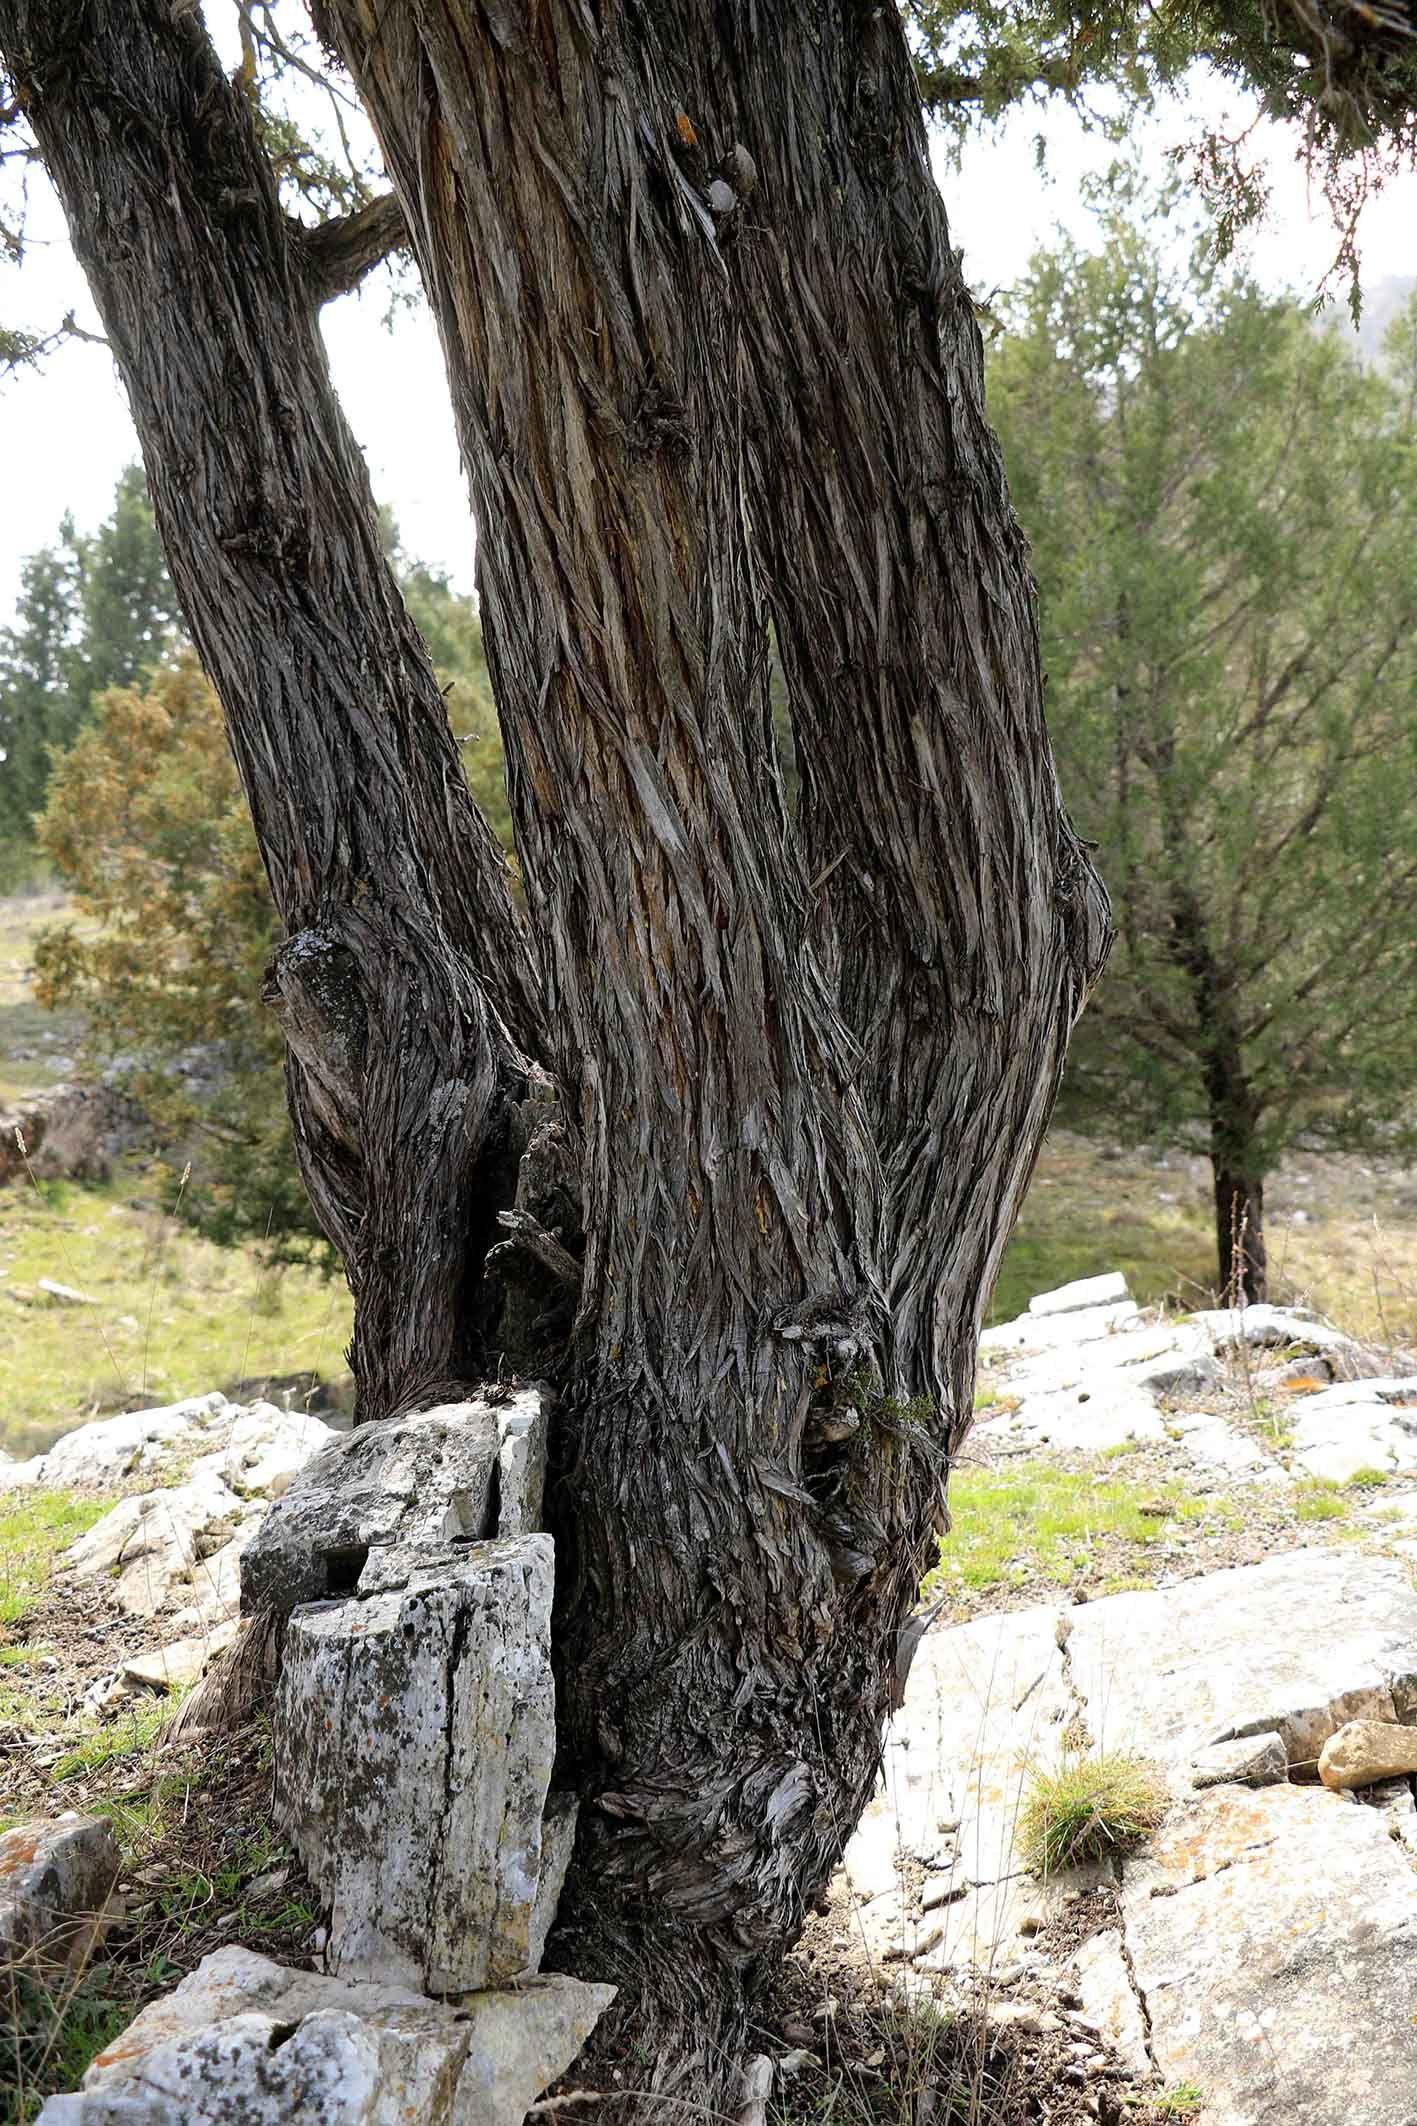 El sabinar de Tamajón: Ecosistema invernal de oportunidades